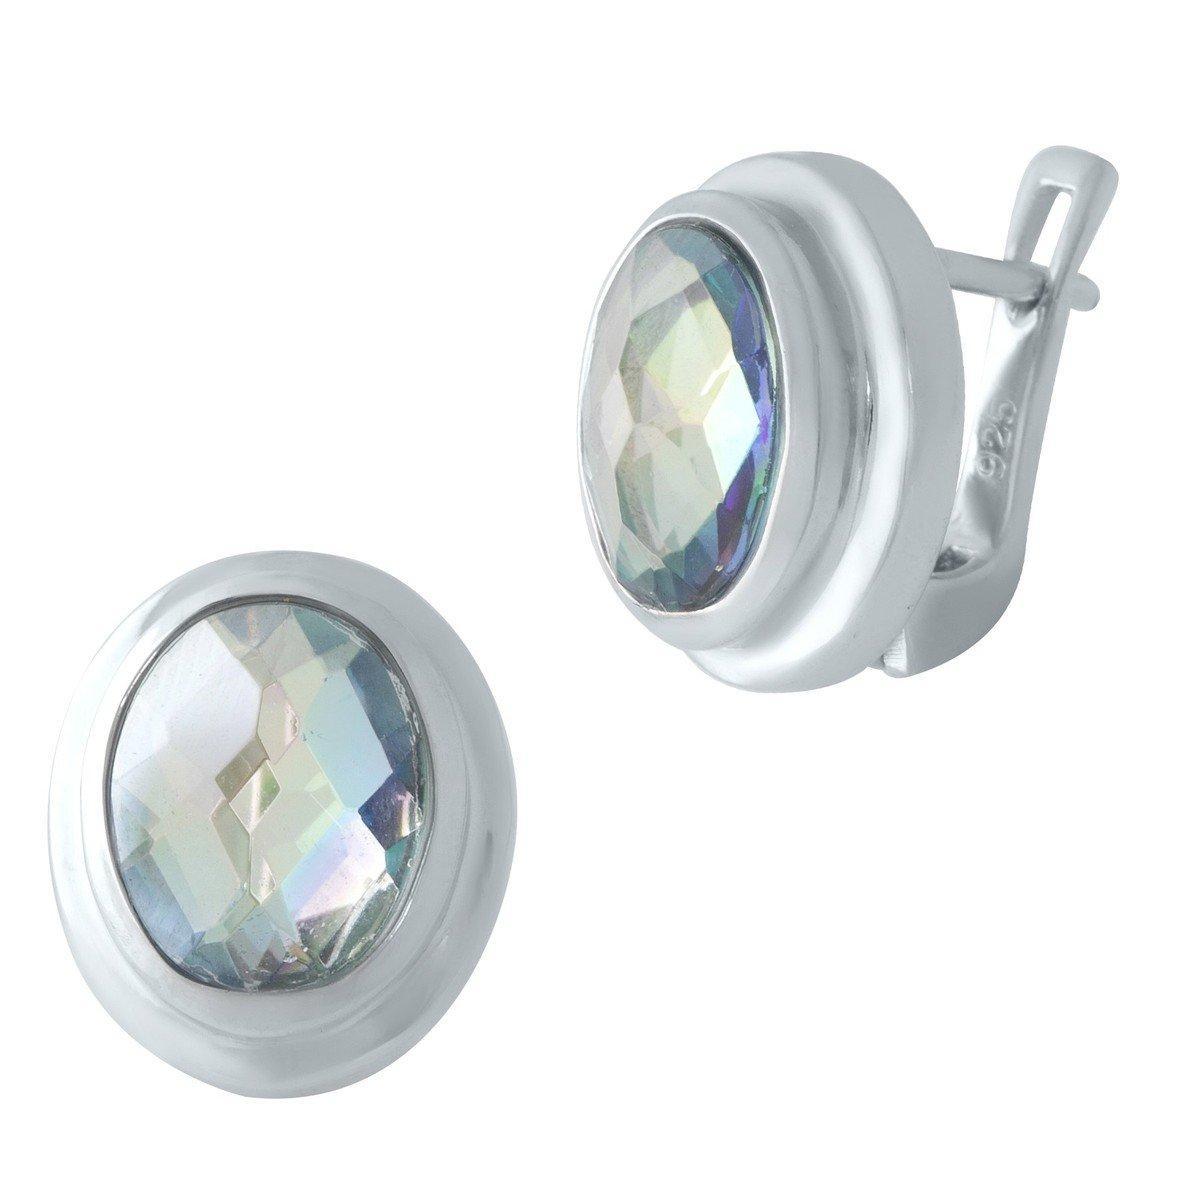 Серебряные серьги DreamJewelry с натуральным мистик топазом (2004301)